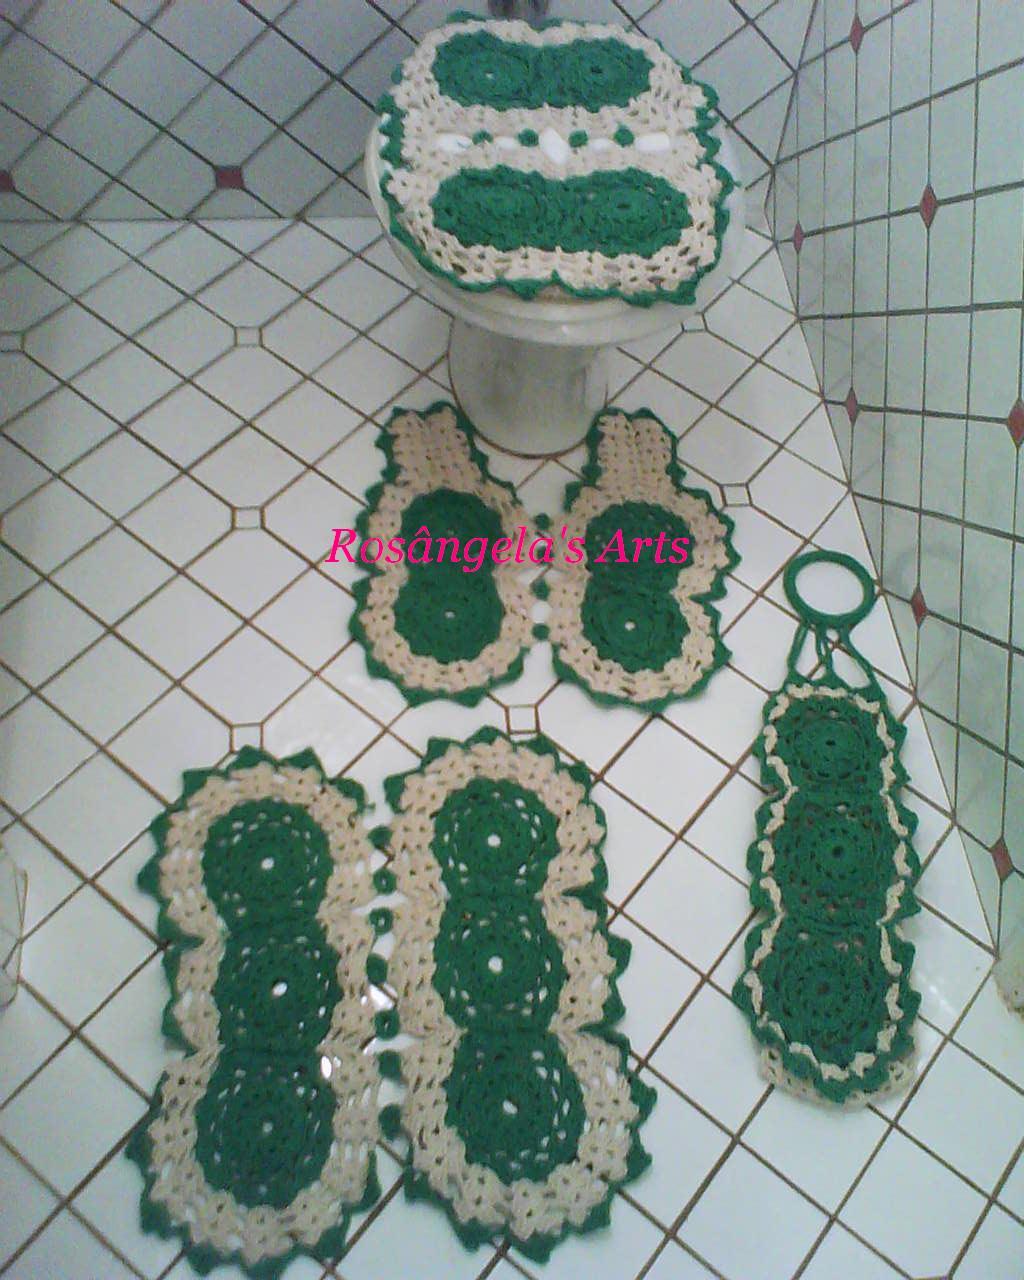 Jogo De Banheiro Verde E Branco : Ros?ngela artesanatos handworks jogo de banheiro verde